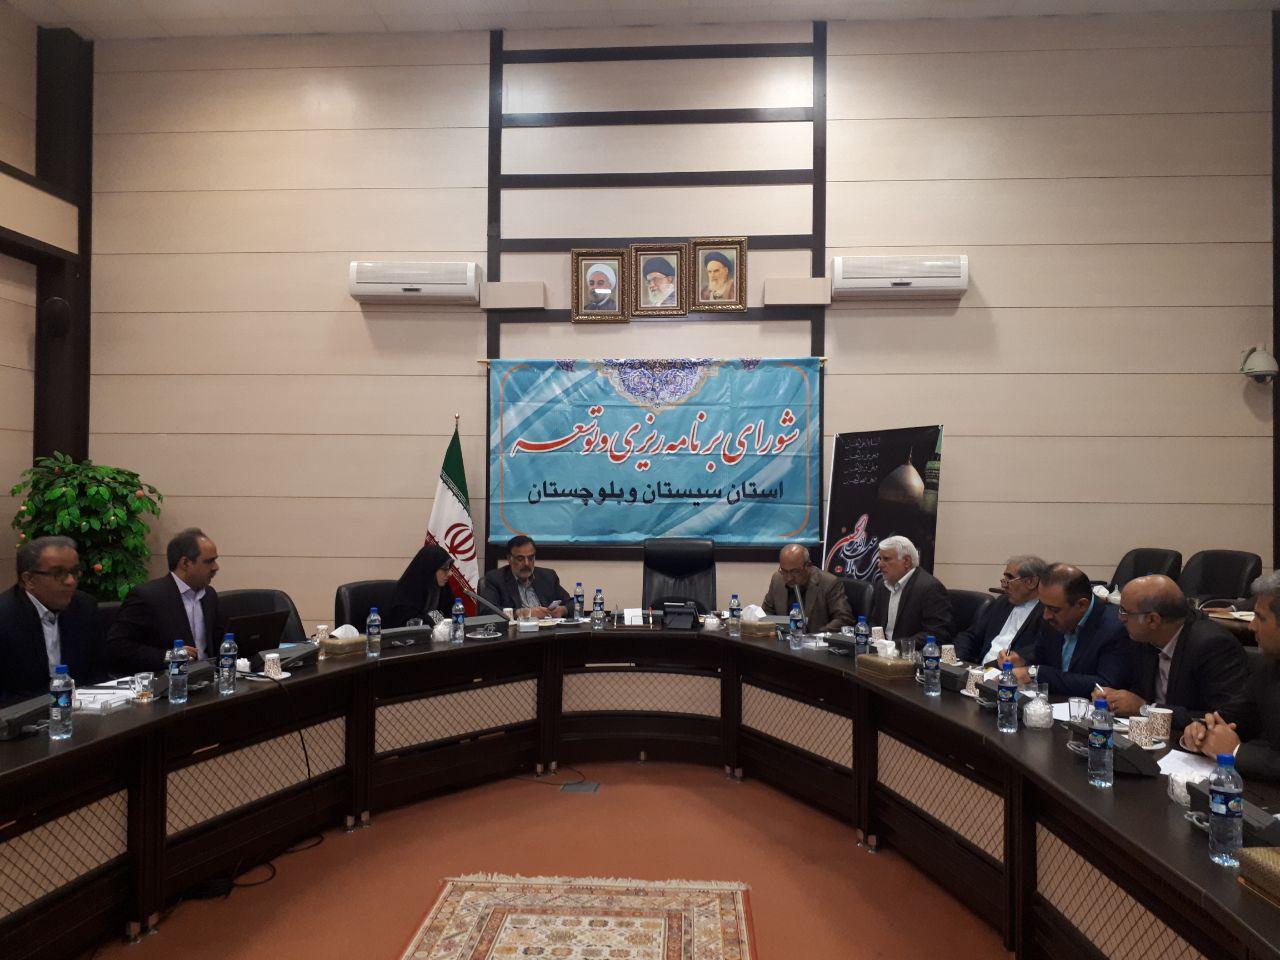 اختصاص ۶۱ میلیارد ریال از محل جرائم راهنمایی و رانندگی به استان